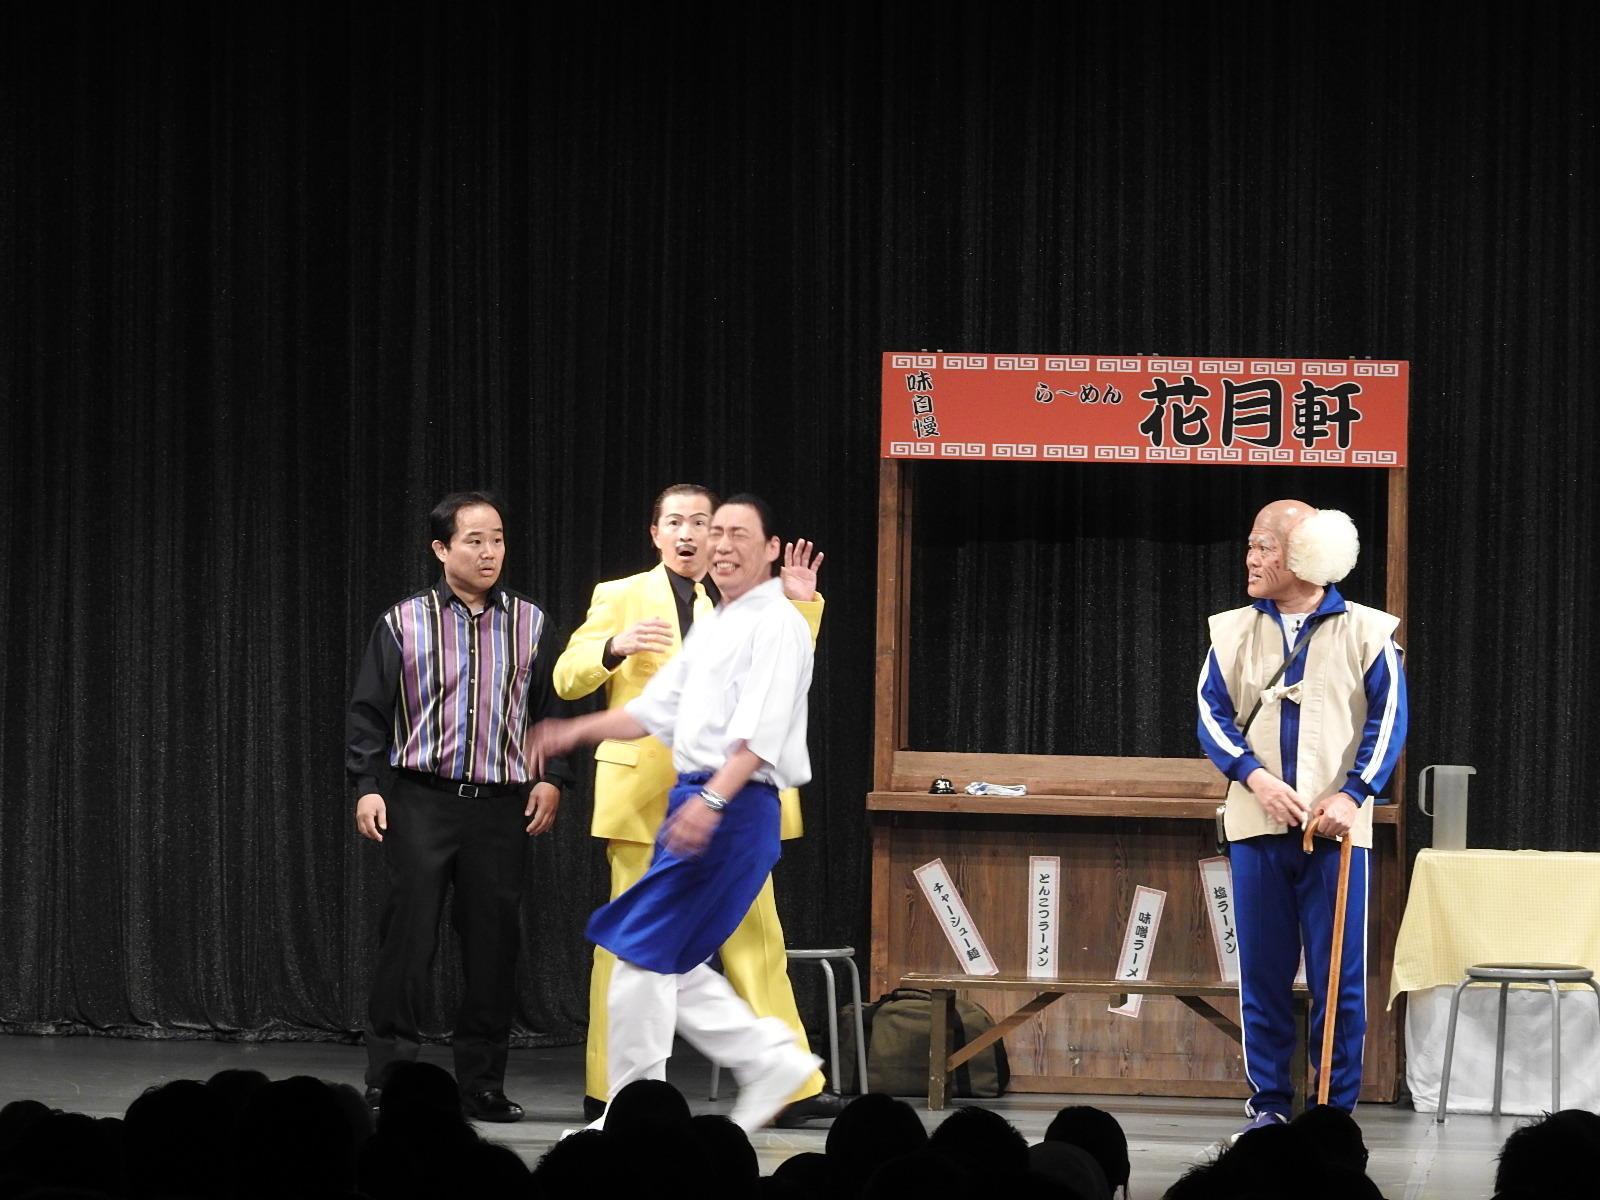 http://news.yoshimoto.co.jp/20171108143138-e3be538880ee11d9621117aaf3a3dff1d5c6e52f.jpg